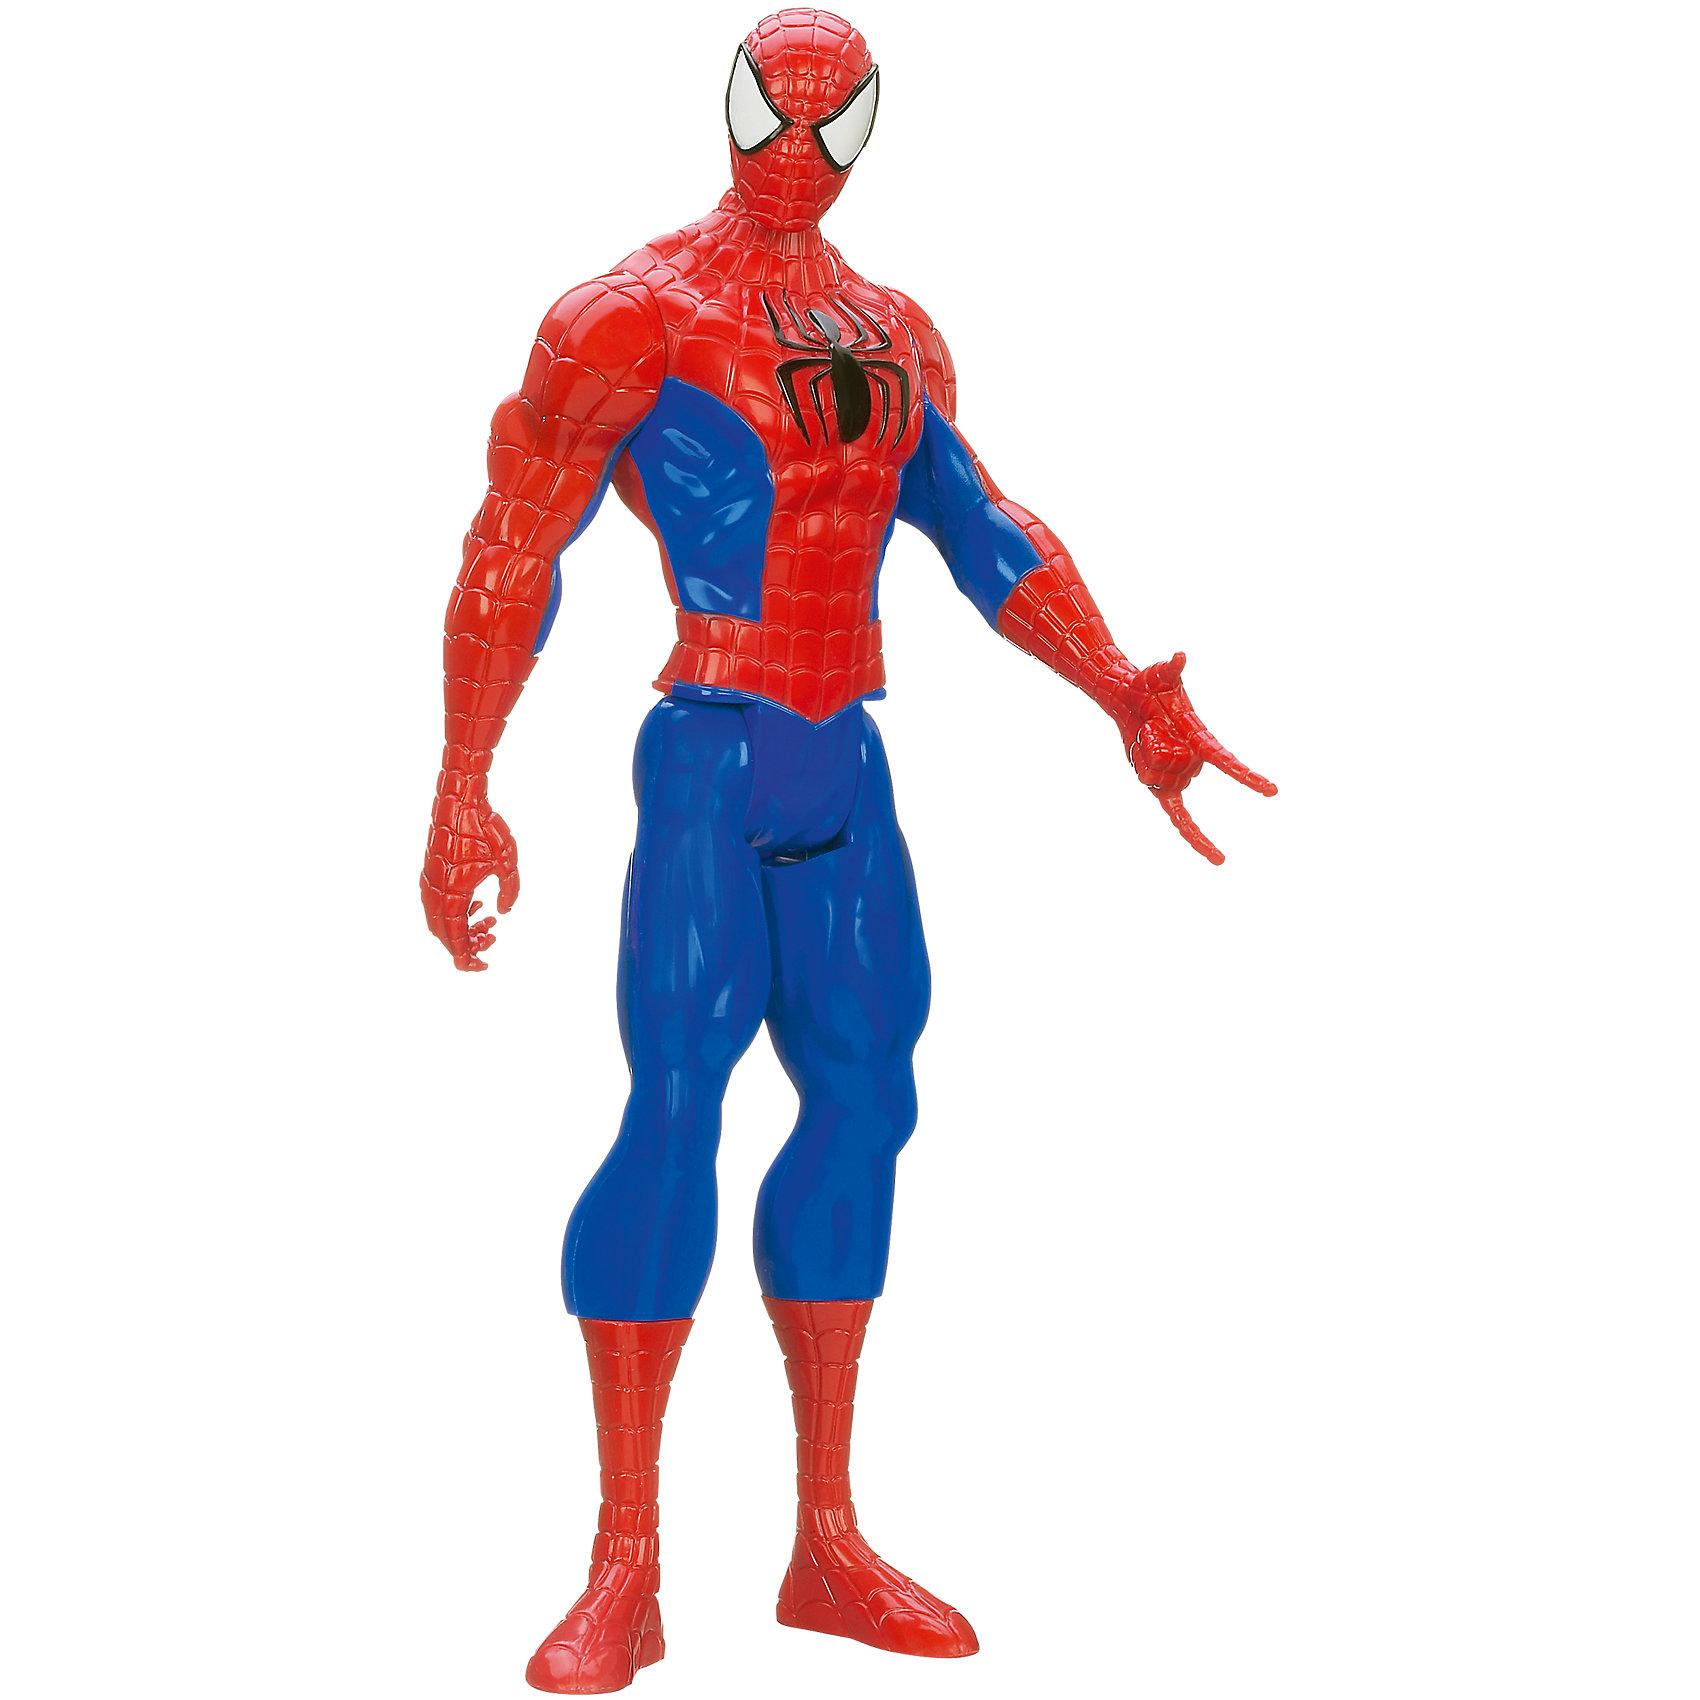 Титаны: совершенный Человек-паукФигурка Титаны: совершенный Человек-паук станет приятным сюрпризом для Вашего ребенка, особенно если он является поклонником популярных фильмов и комиксов о Человеке-Пауке (Spider-Man). Большая фигурка выполнена с высокой степенью детализации и полностью повторяет своего экранного персонажа. Теперь можно разыгрывать по-настоящему масштабные сражения с любимым персонажем. У фигурки подвижные части тела.<br><br>Дополнительная информация:<br><br>- Материал: пластик.<br>- Размер игрушки: 30 см.<br>- Размер упаковки: 30 х 10 х 5 см. <br>- Вес: 0,3 кг. <br><br>Фигурку Титаны: совершенный Человек-паук (Спайдер-Мен) можно купить в нашем интернет-магазине.<br><br>Ширина мм: 309<br>Глубина мм: 98<br>Высота мм: 56<br>Вес г: 299<br>Возраст от месяцев: 48<br>Возраст до месяцев: 96<br>Пол: Мужской<br>Возраст: Детский<br>SKU: 3795560